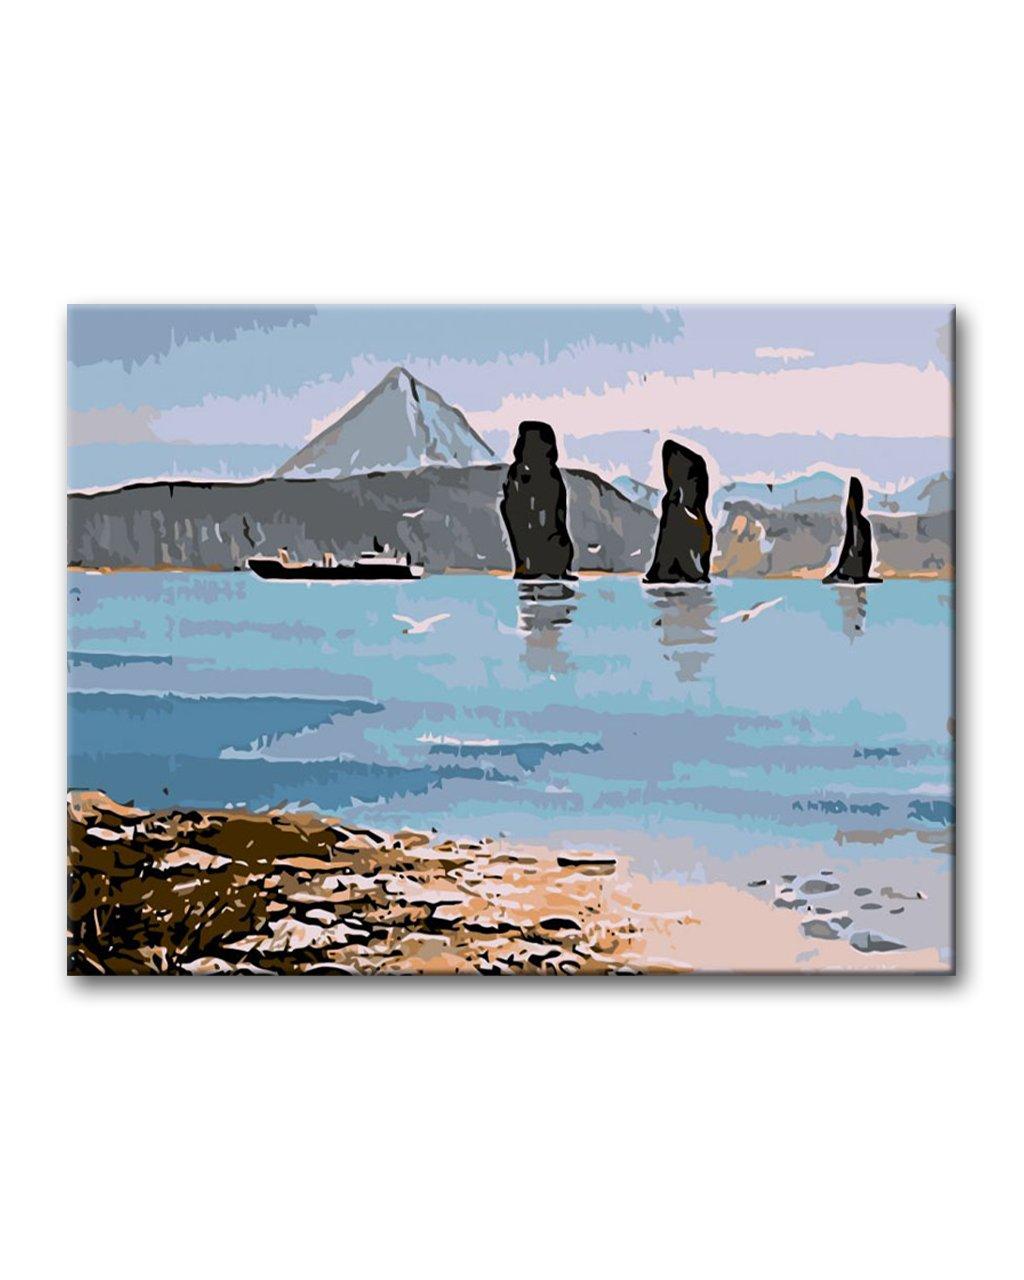 Maľovanie podľa čísel - MALÝ TANKER NA MORI